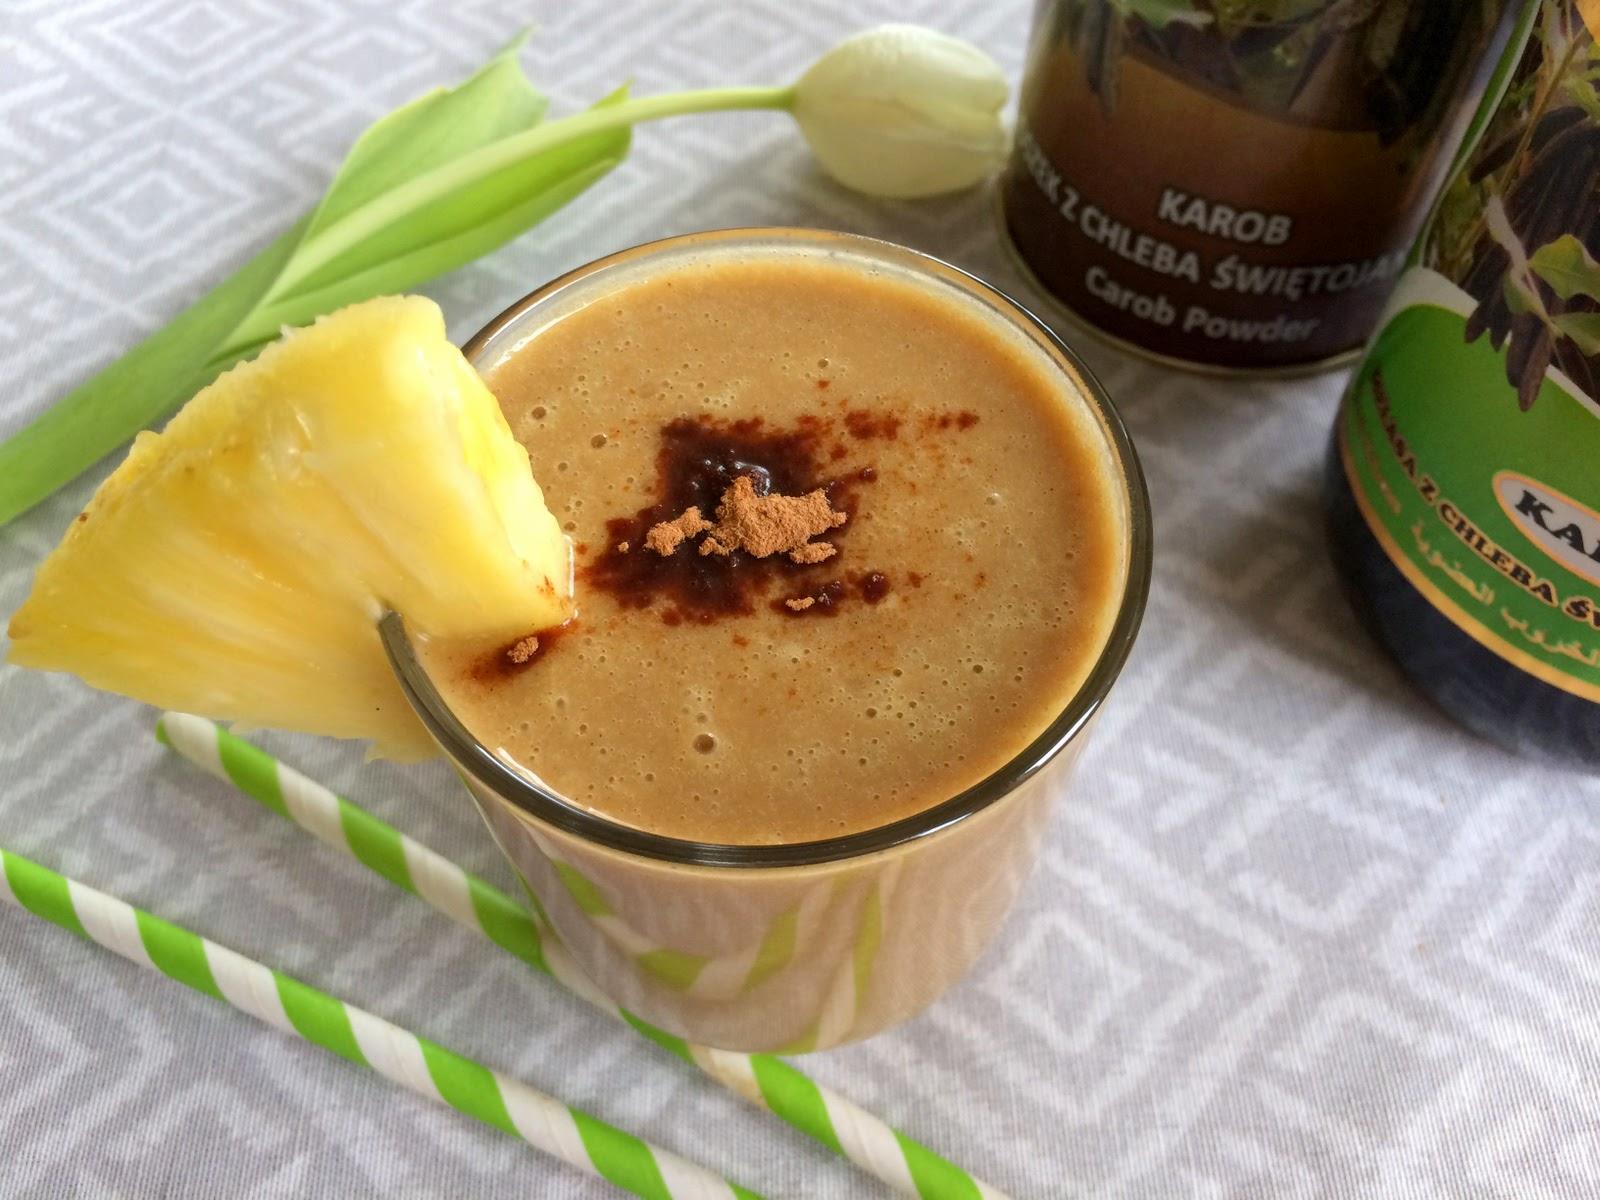 http://zielonekoktajle.blogspot.com/2015/04/karob-ananas-mleko-kokosowe.html